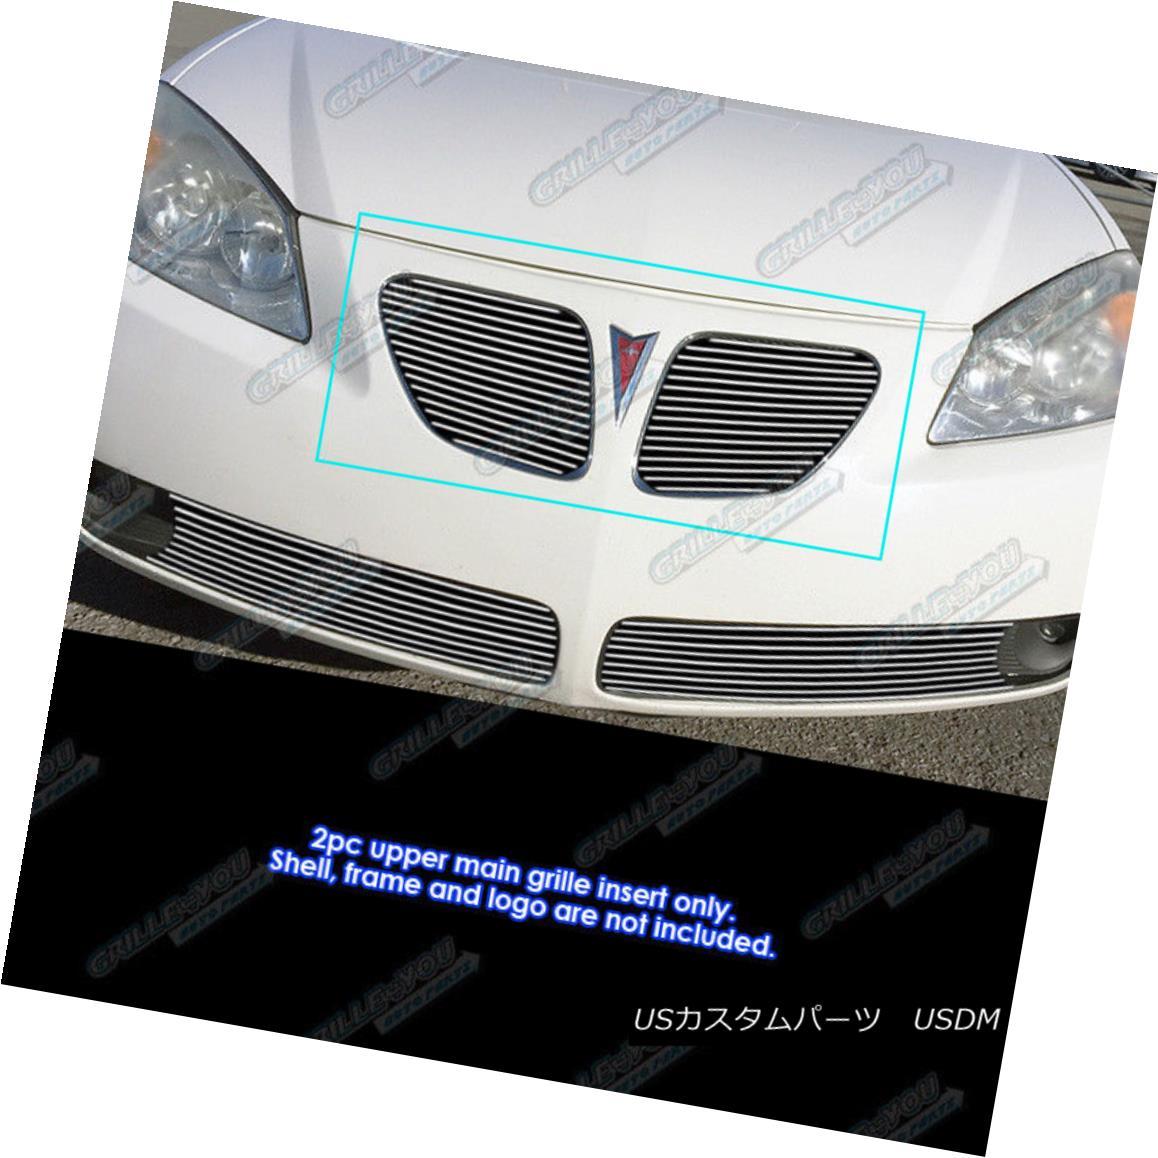 グリル Fits 2005-2008 Pontiac G6 Main Upper Main Upper Billet Grille Insert フィット2005-2008ポンティアックG6メインアッパーメインアッパービレットグリルインサート